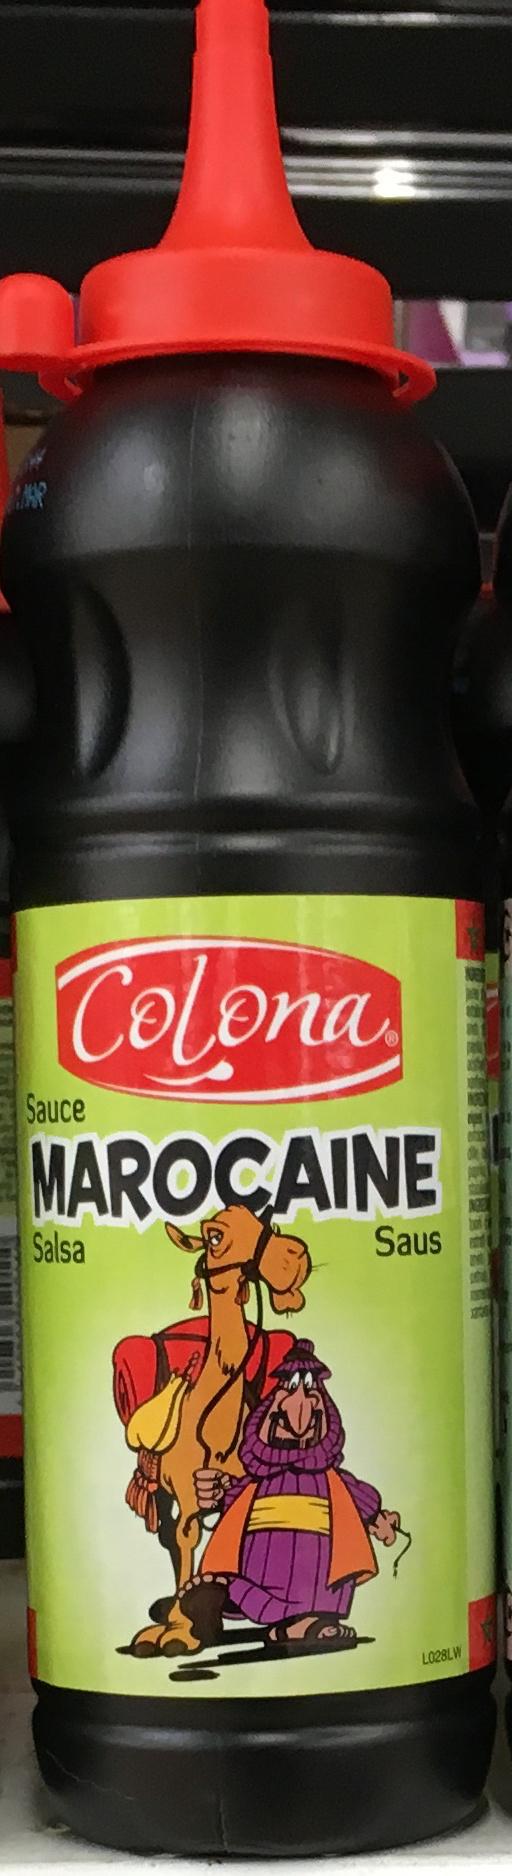 Sauce Marocaine - Product - fr